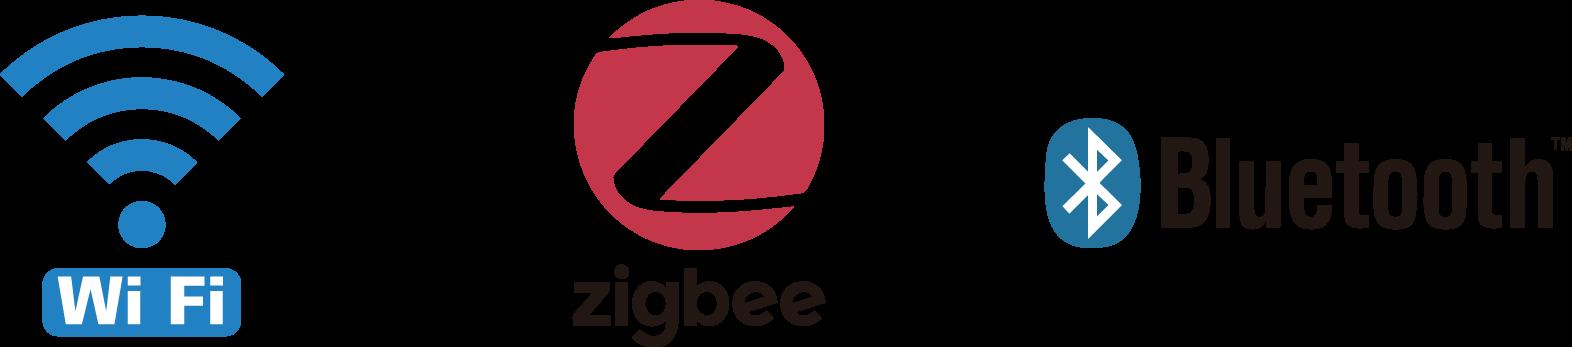 wifi-zigbee-bluetooth